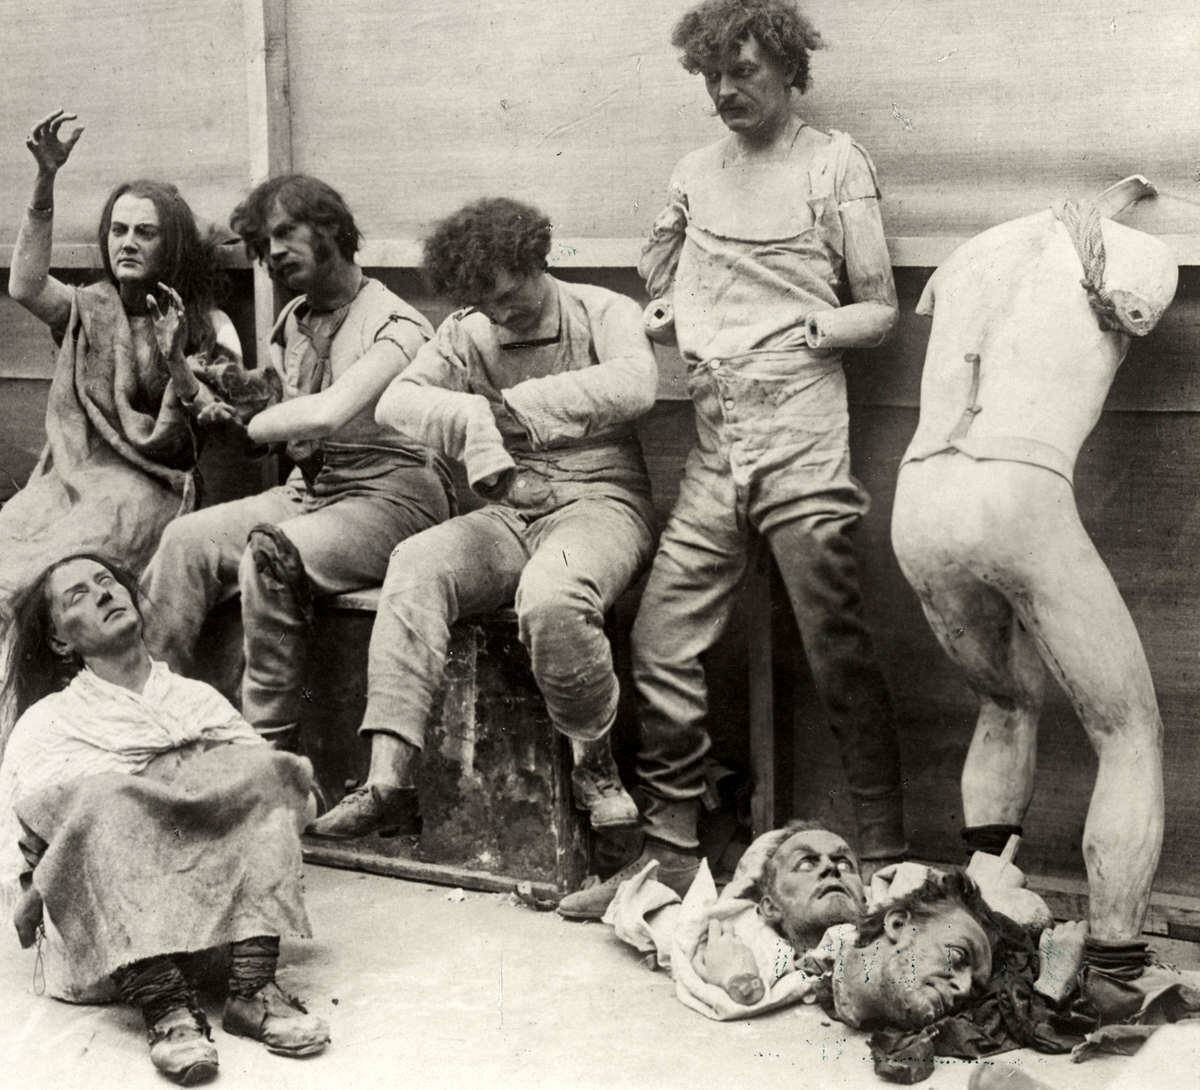 Расплавленные и поврежденные манекены после пожара в музее восковых фигур мадам Тюссо в Лондоне, 1925